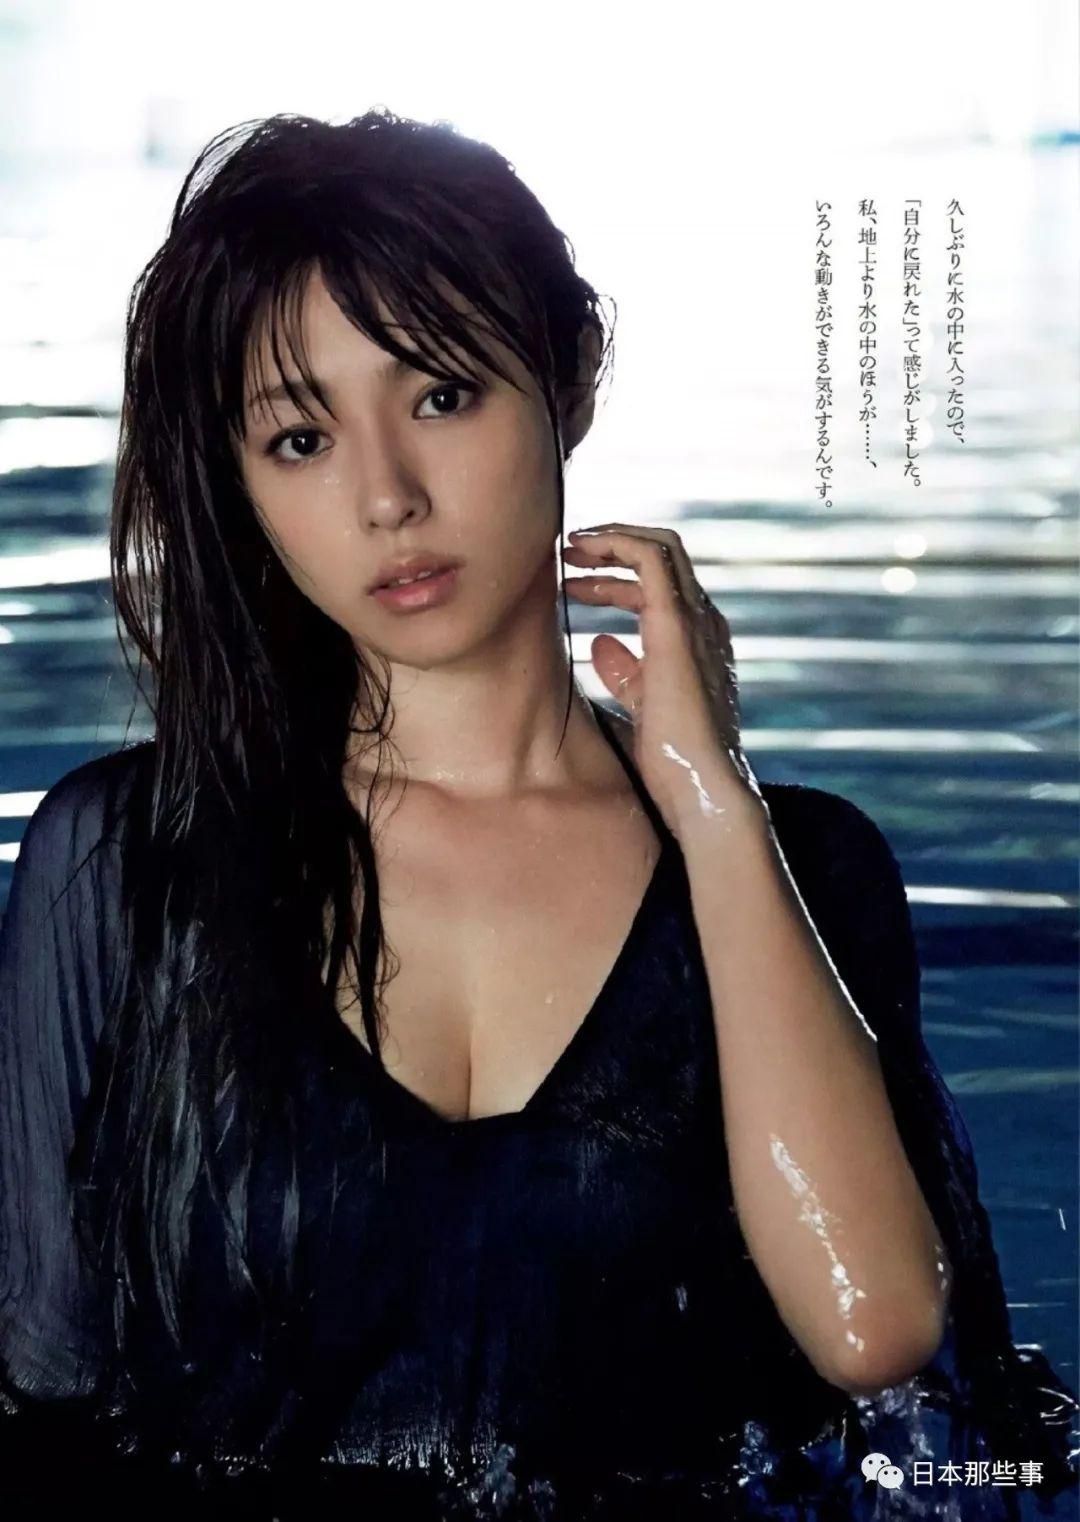 深田恭子暴瘦 被怀疑因为与男友分手而大受打击